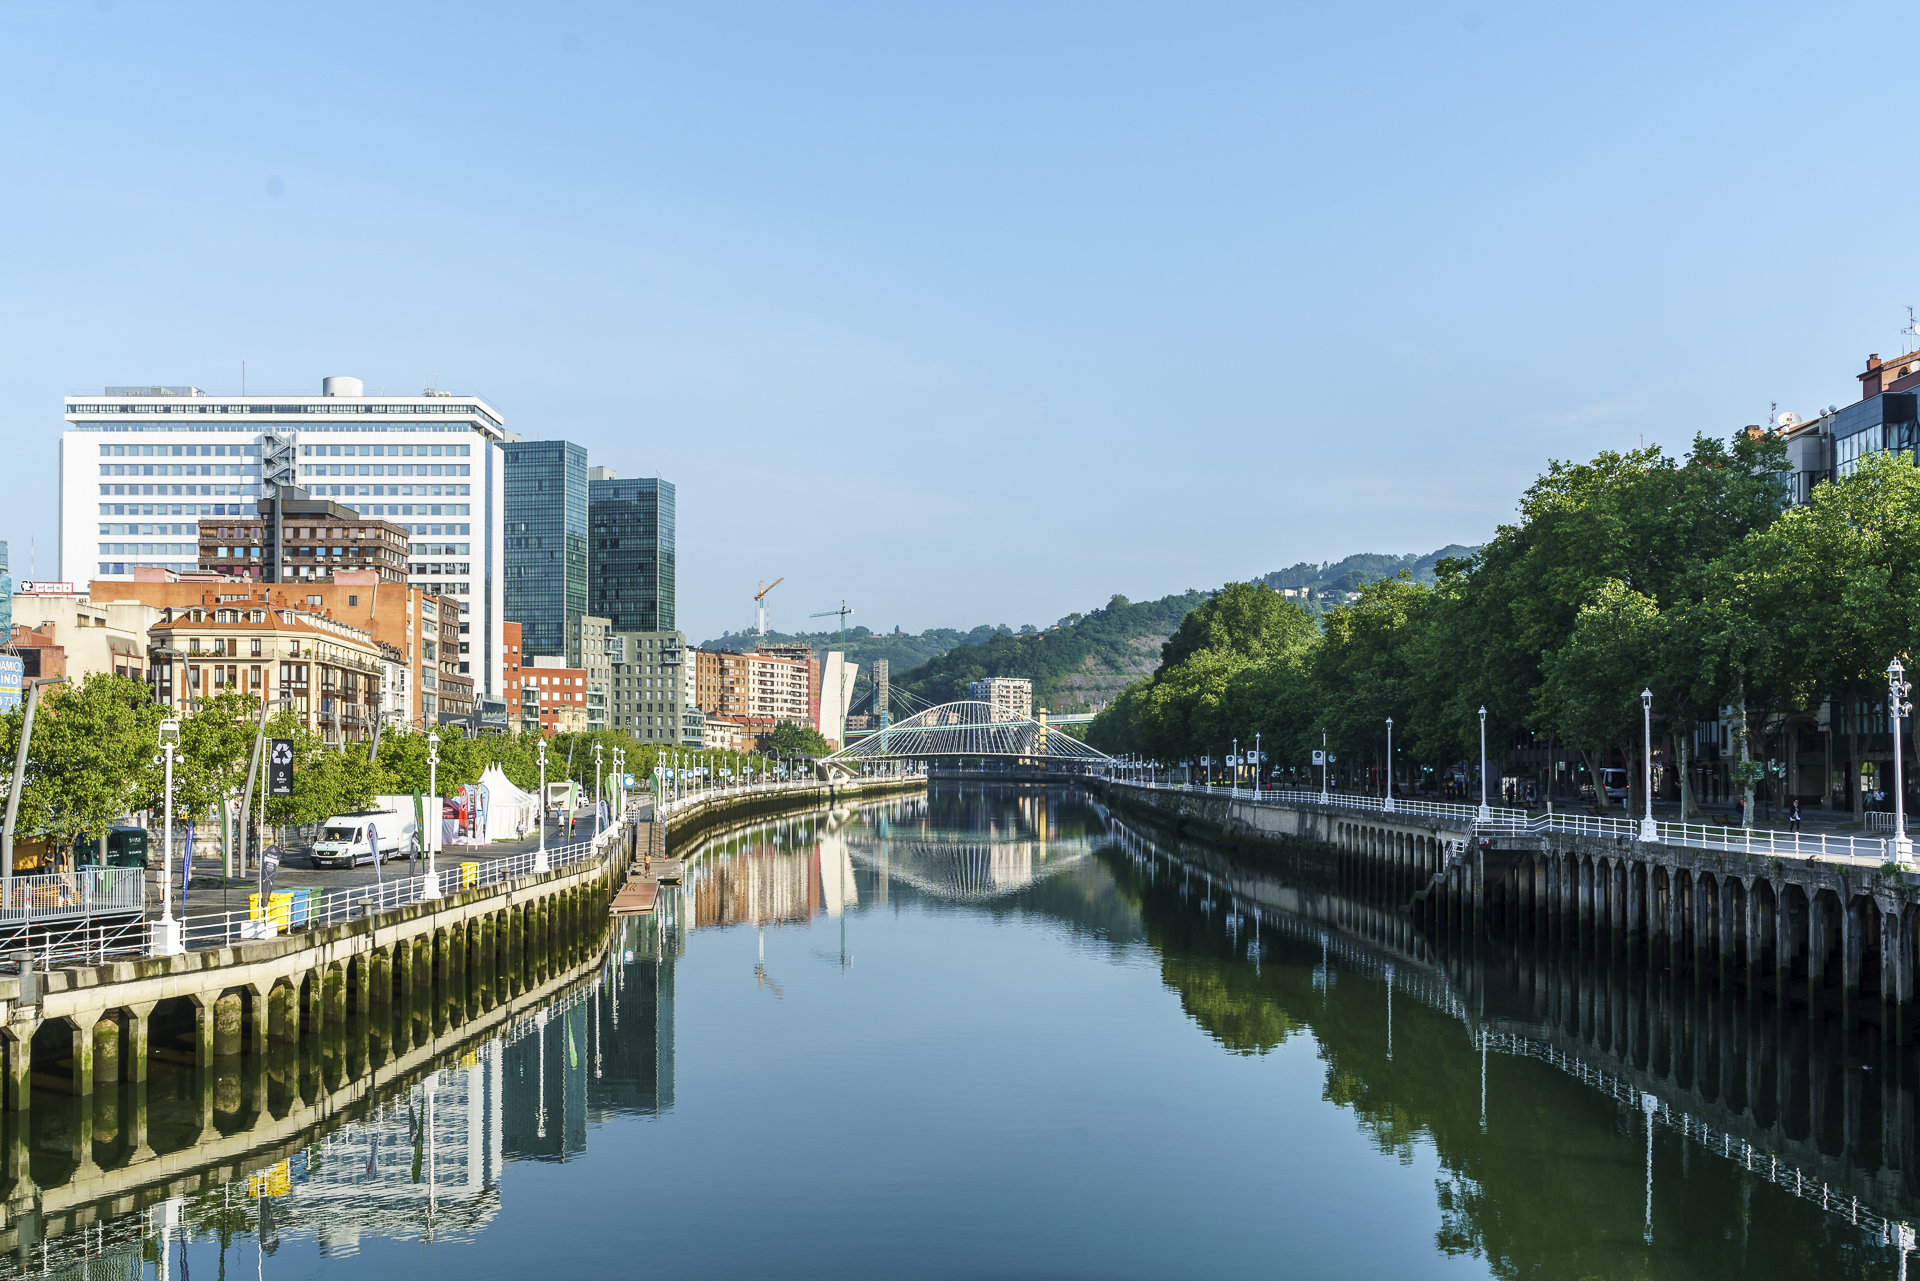 Bilbao Nervion